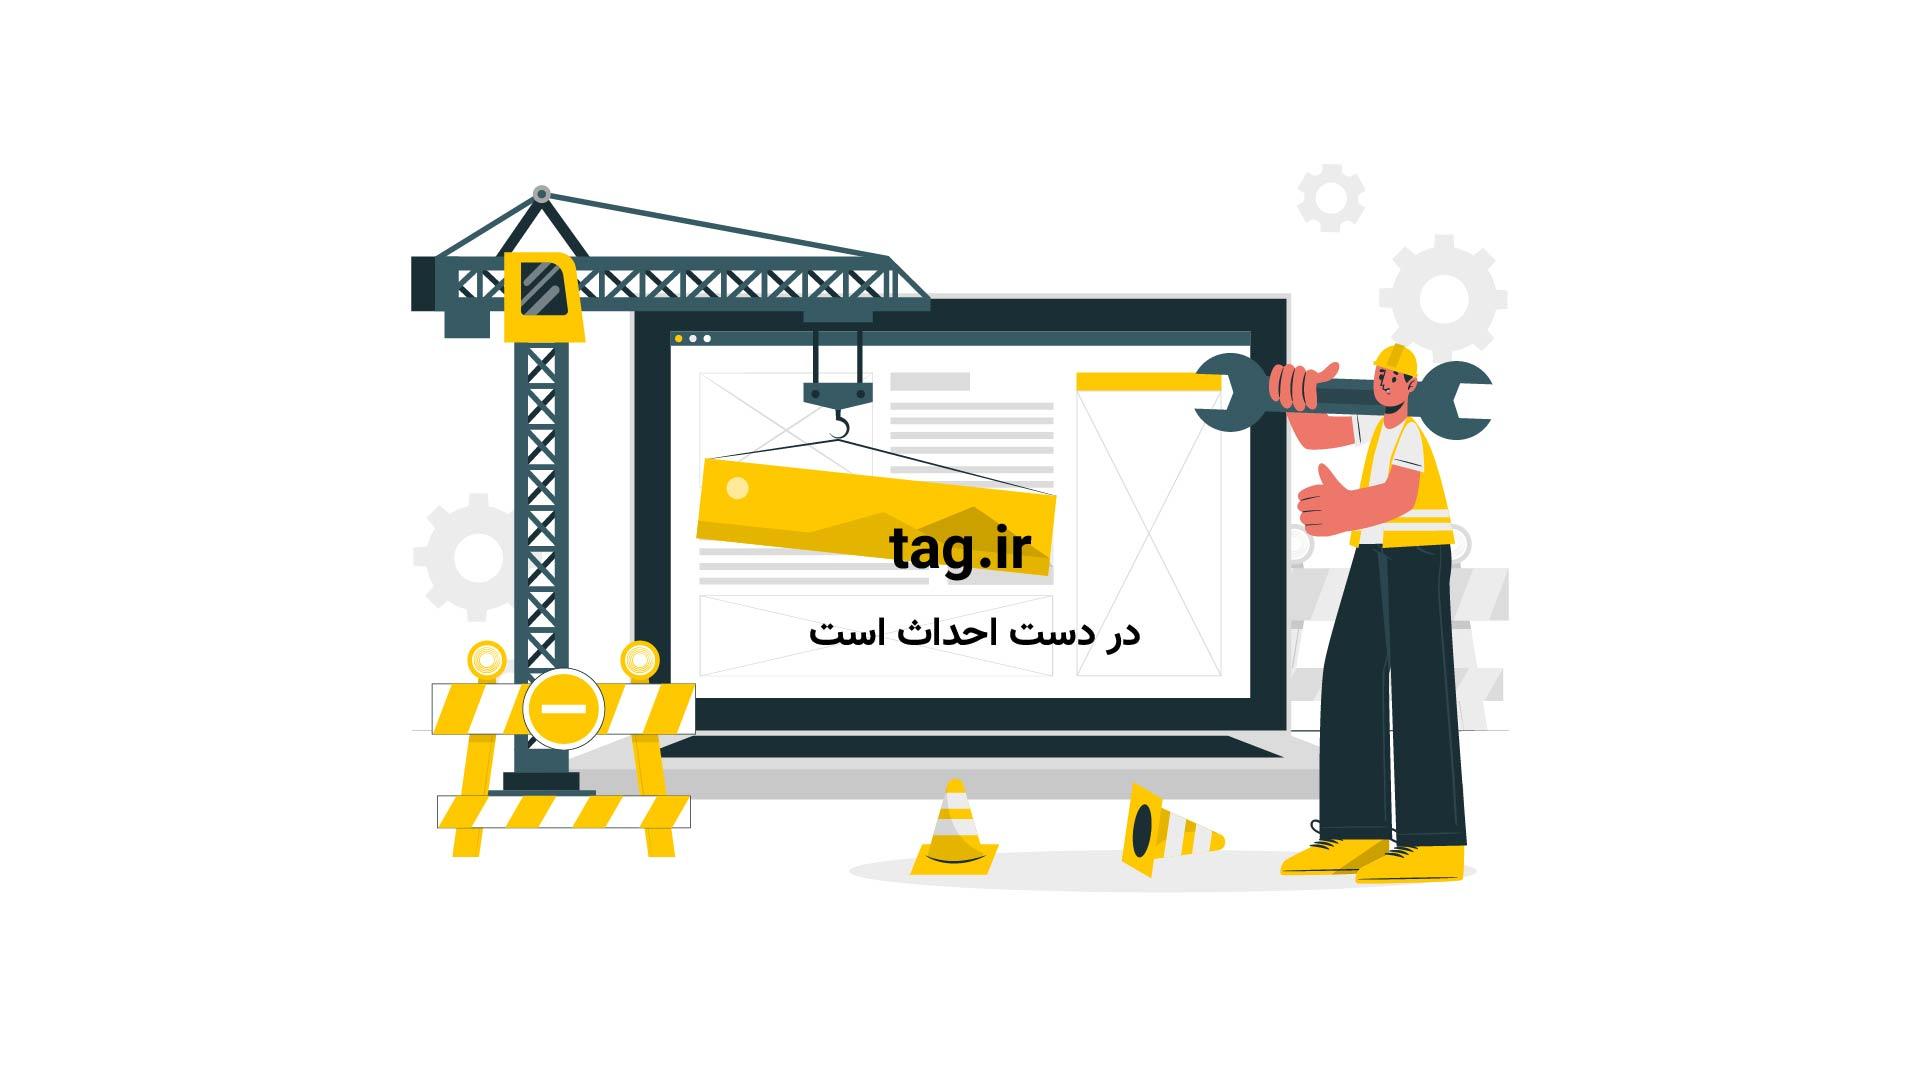 خبر رئیس دفتر رئیس جمهور از تغییرات در تیم اقتصادی دولت | فیلم